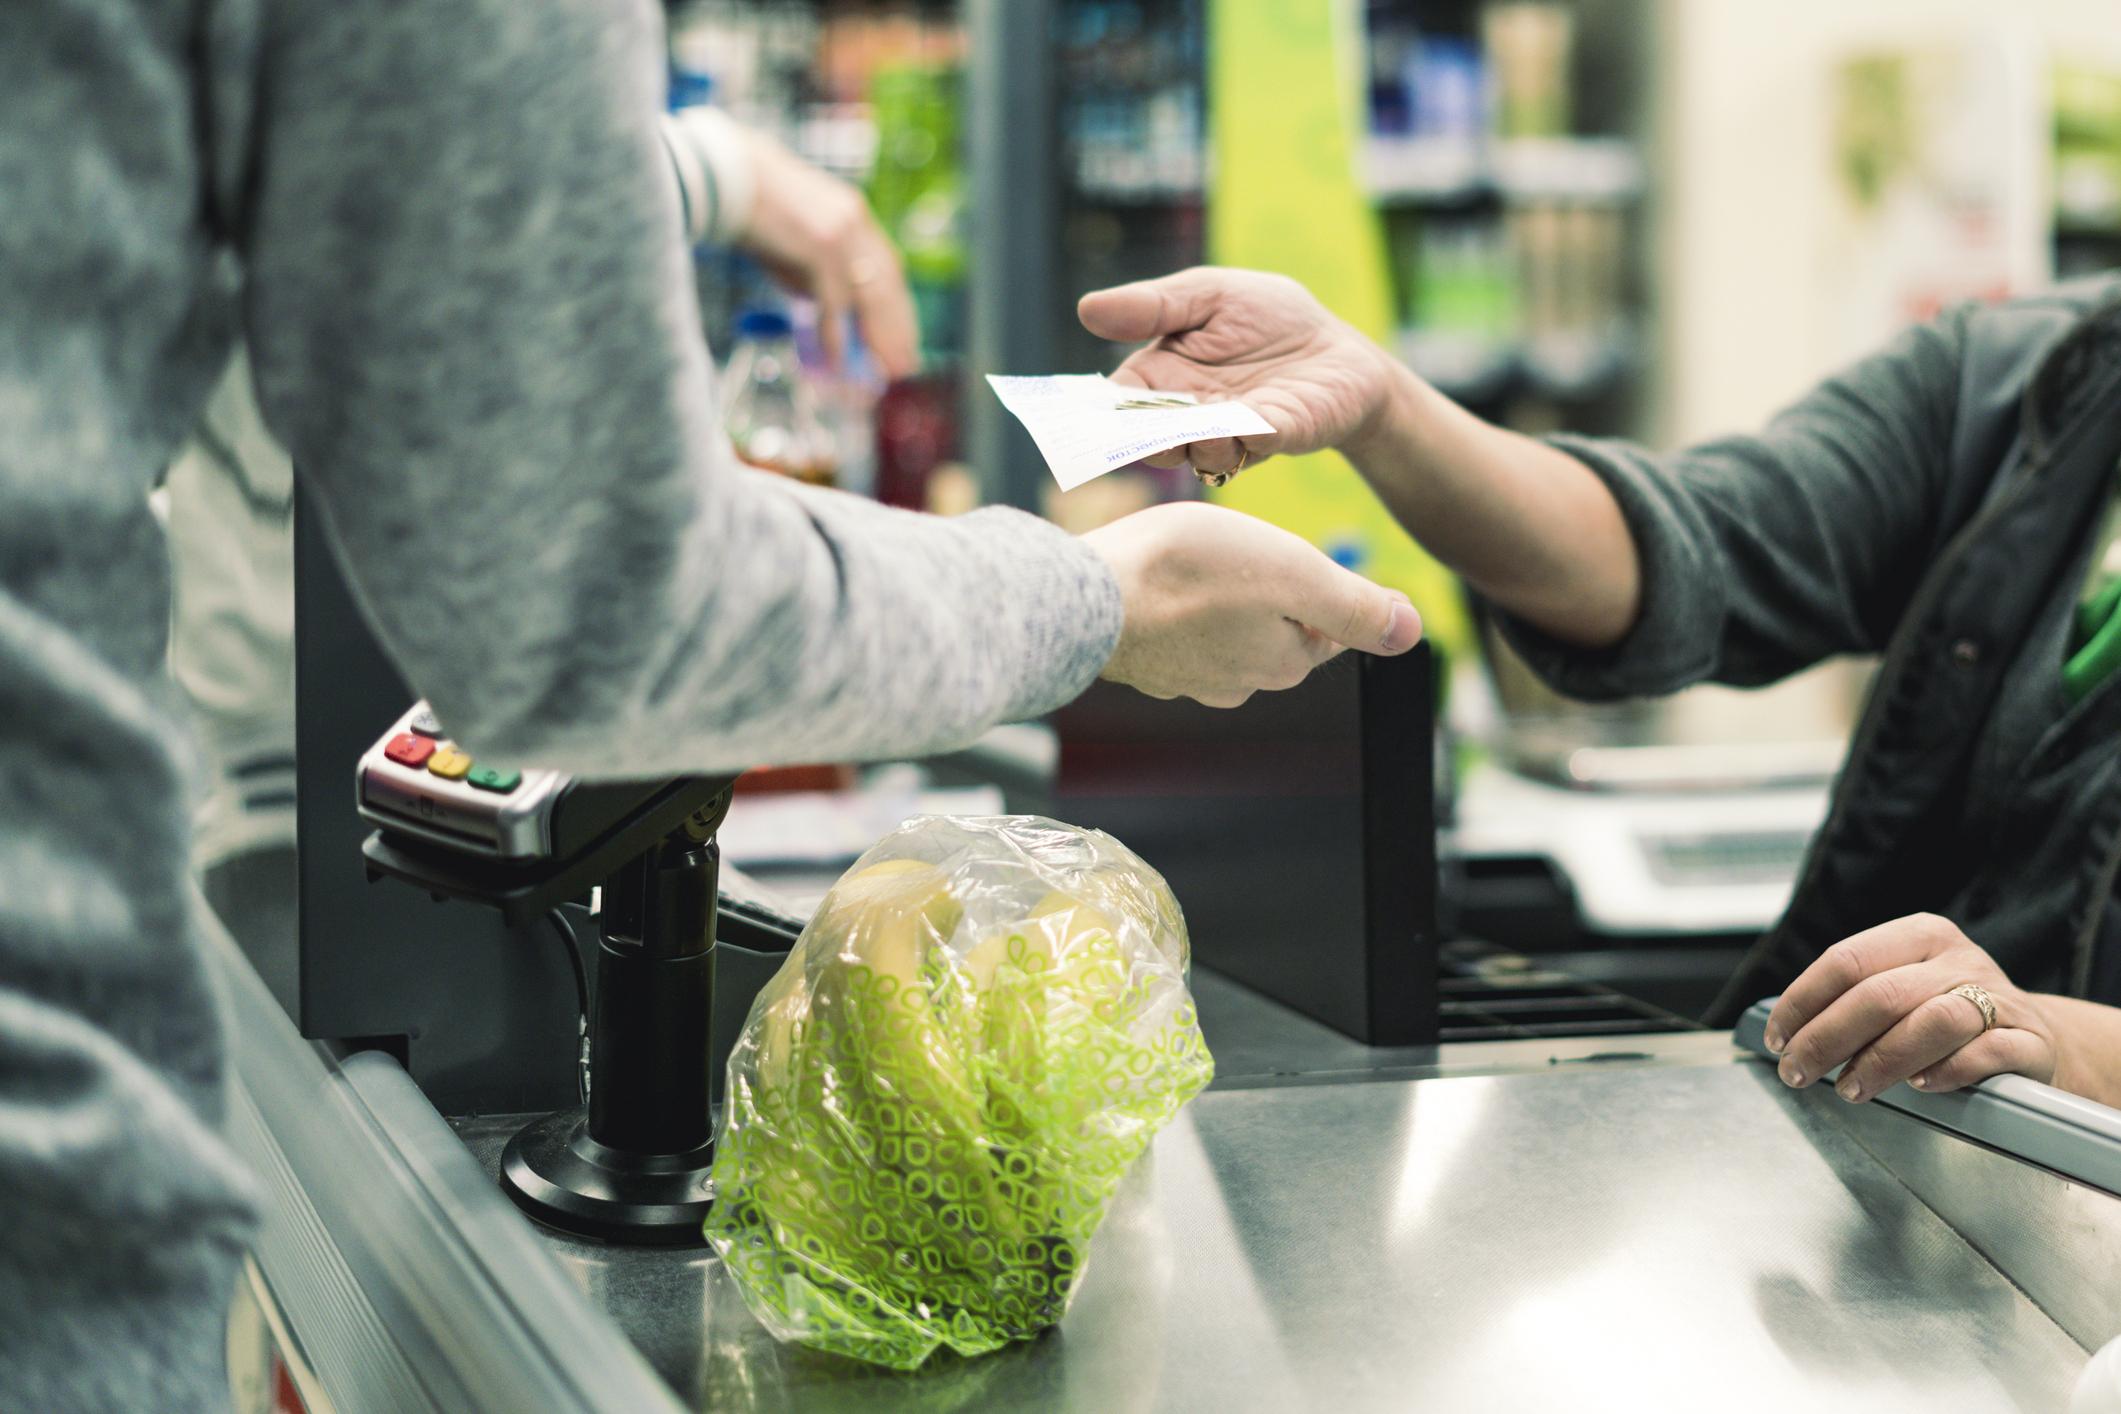 Ruokakaupan kassatyöntekijä antaa kuitin ja vaihtorahat asiakkaalle.